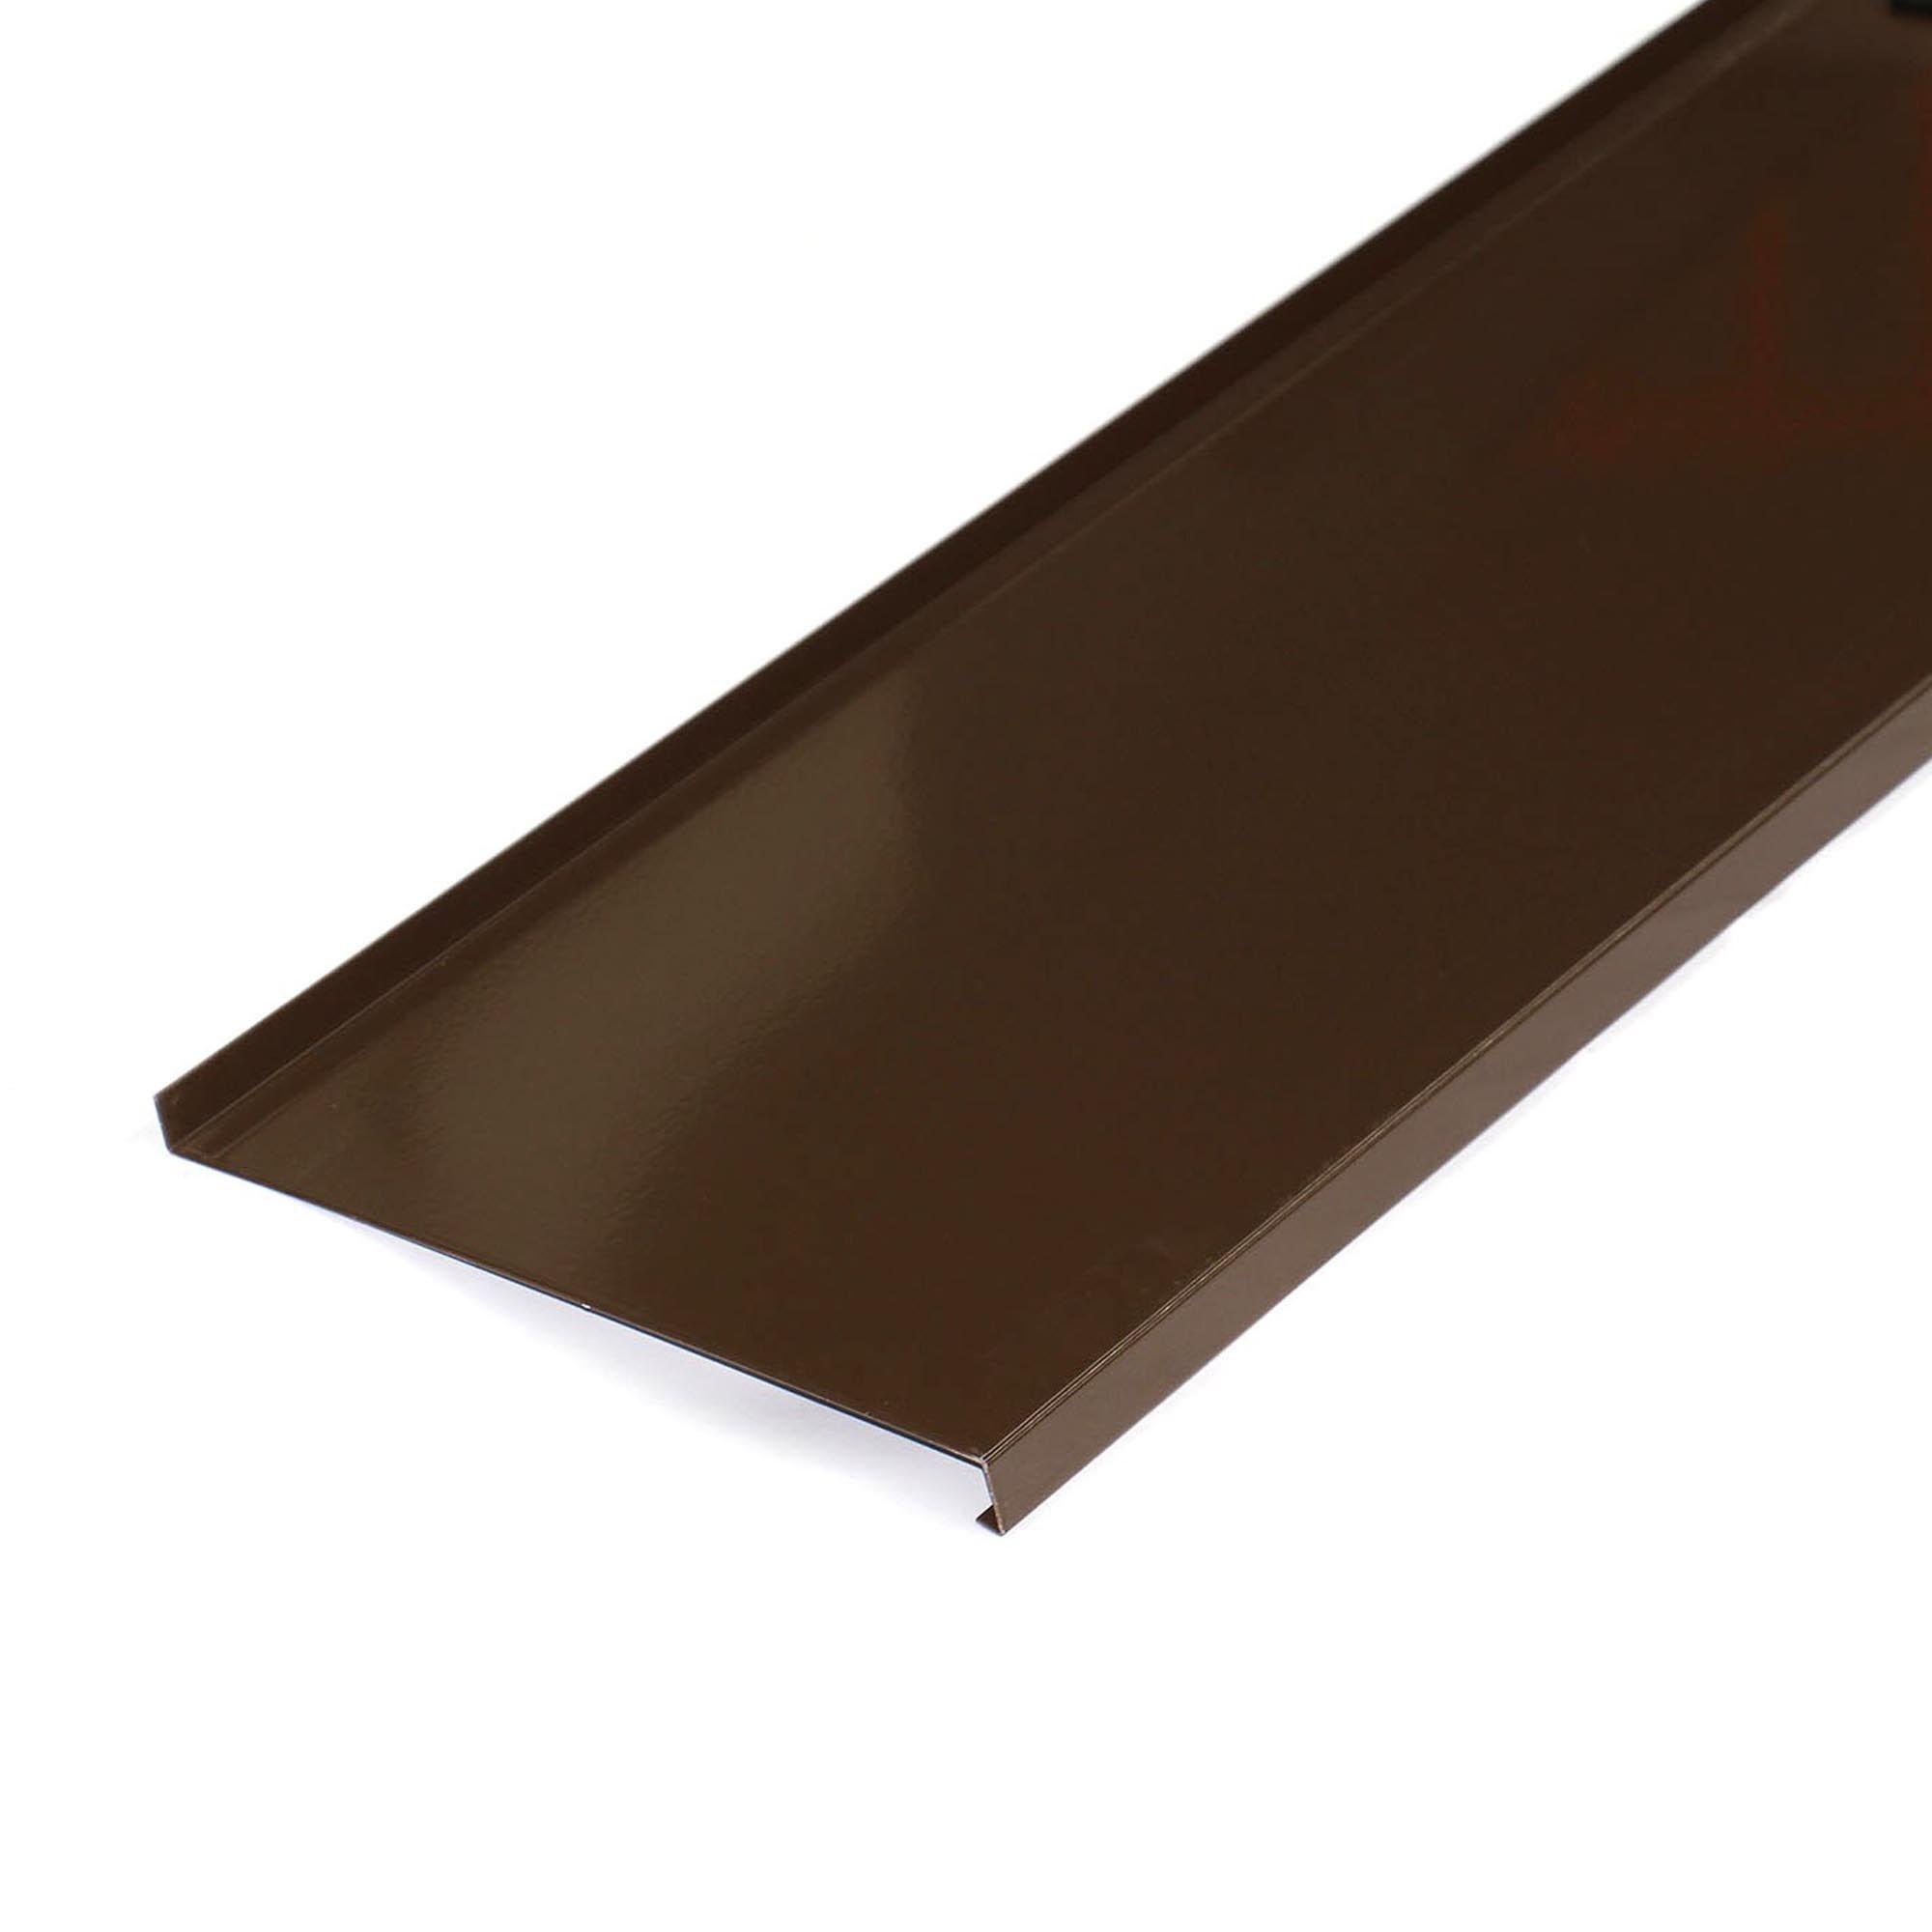 Glaf din aluminiu, maro ciocolatiu mat RAL 8017, 300 x 21 cm imagine MatHaus